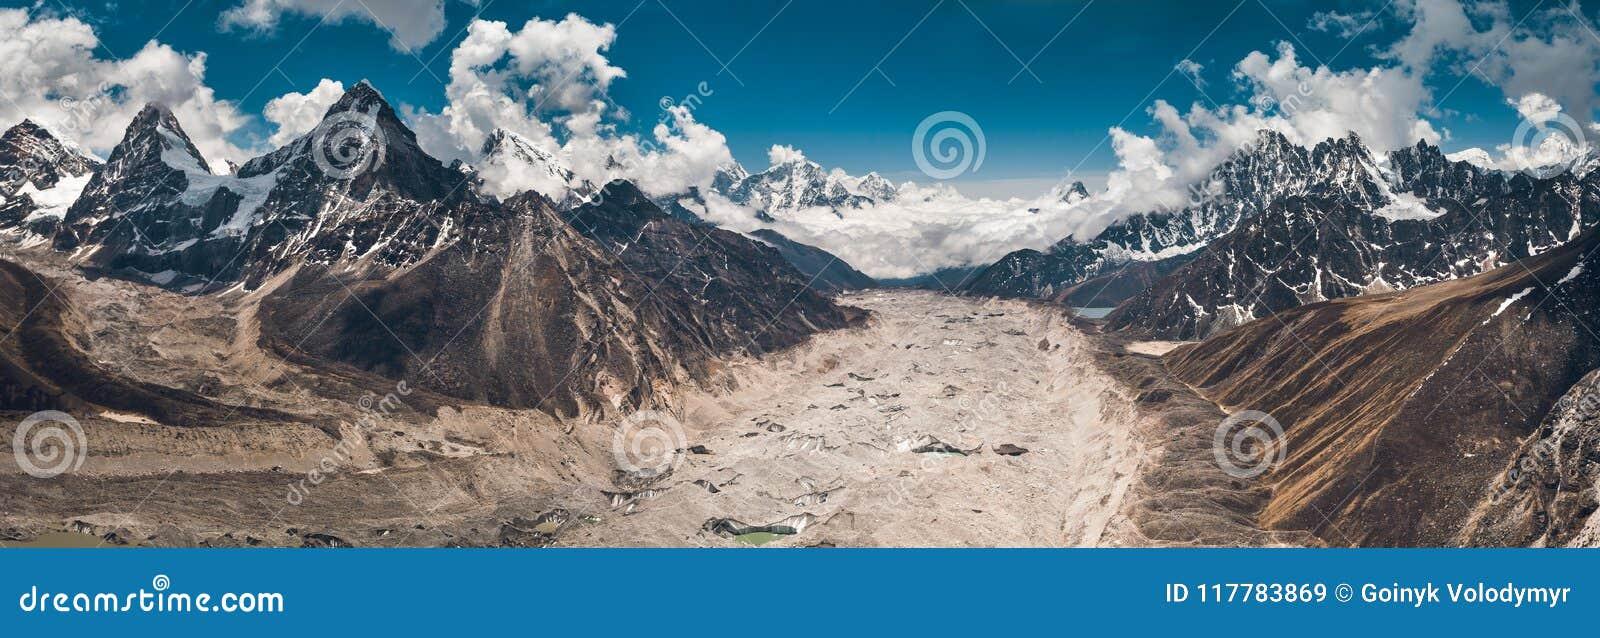 Vue panoramique dans la région de lacs Gokyo nepal